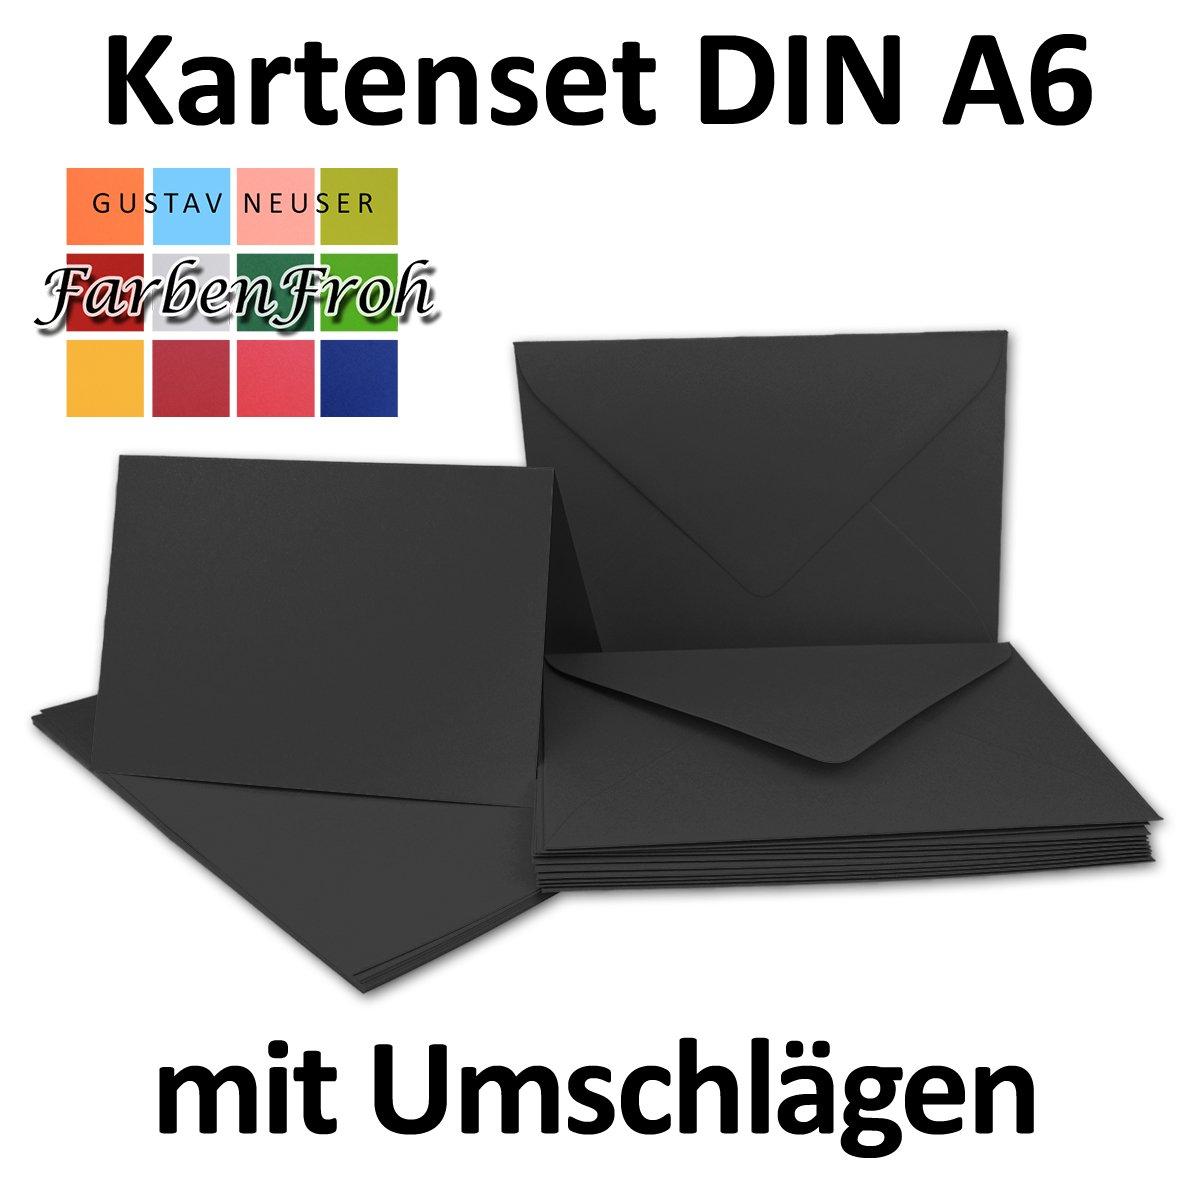 Faltkarten Set mit Brief-Umschlägen DIN A6 A6 A6   C6 in Rosanrot   100 Sets   14,8 x 10,5 cm   Premium Qualität   Serie FarbenFroh® B079ZVDJF8 | Schnelle Lieferung  d7bd22